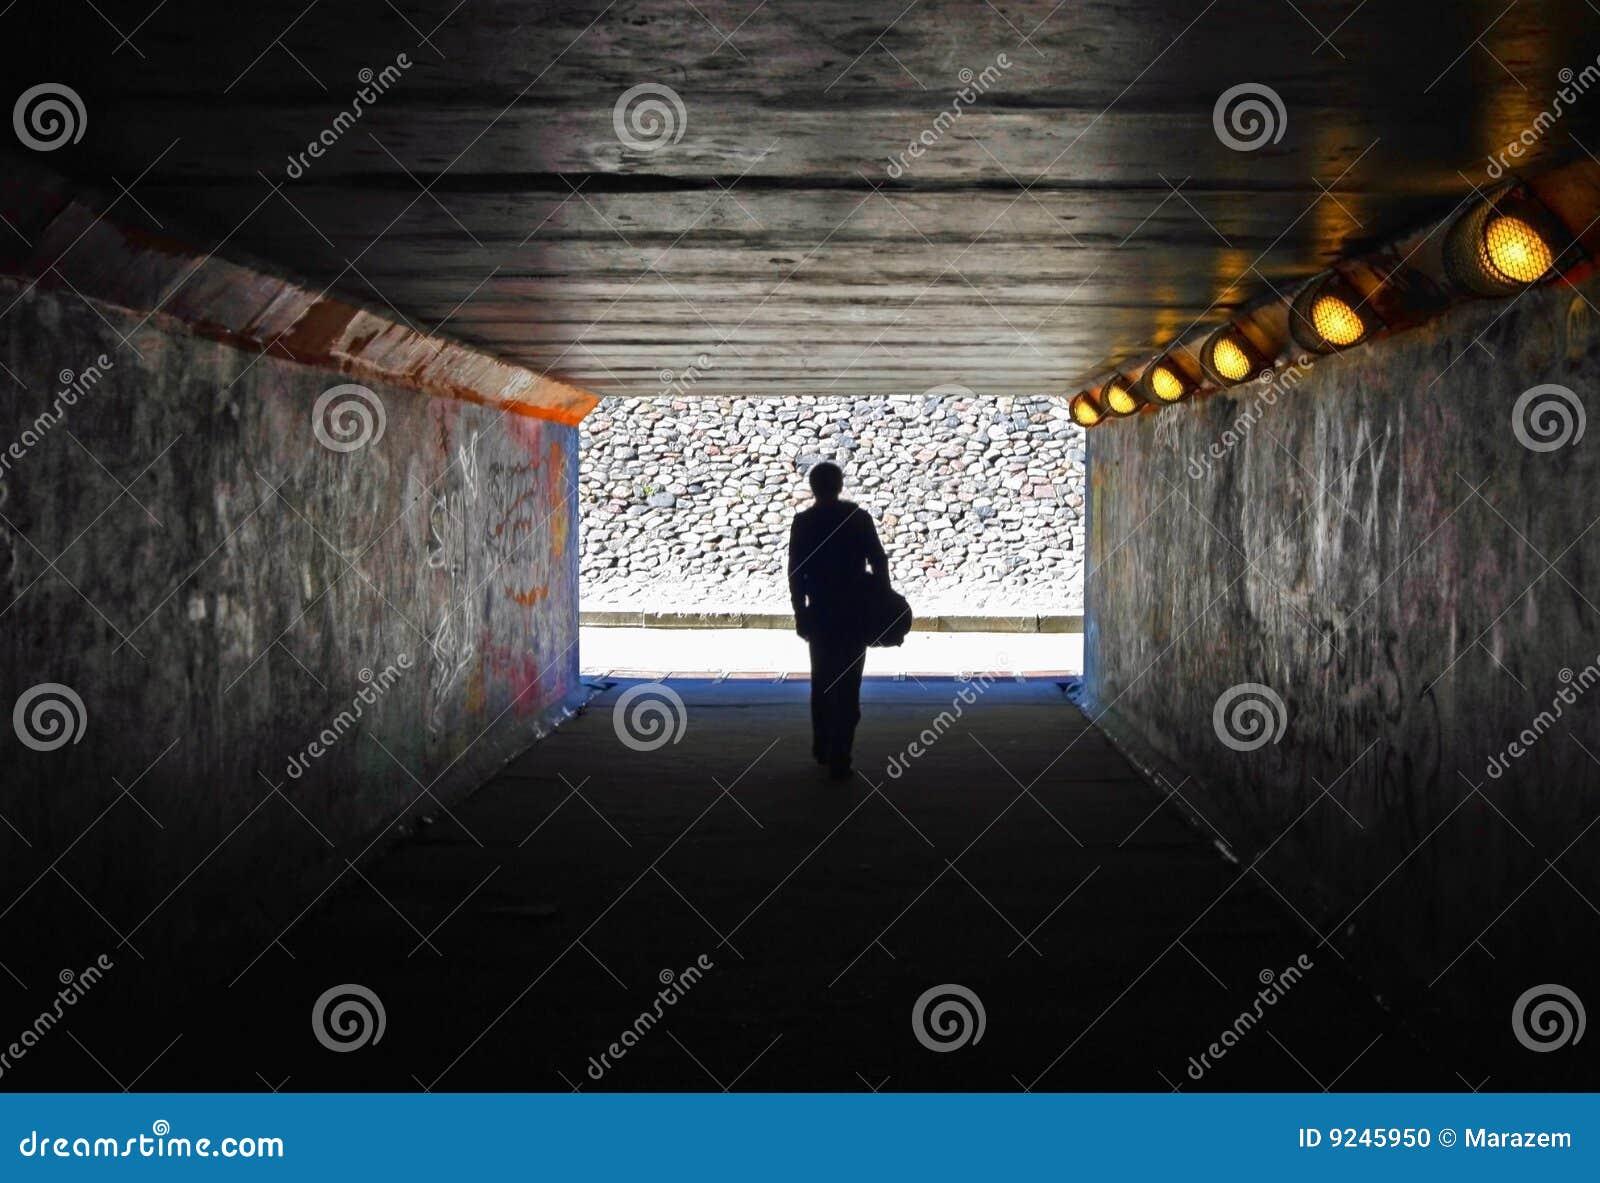 Hombres en el túnel oscuro